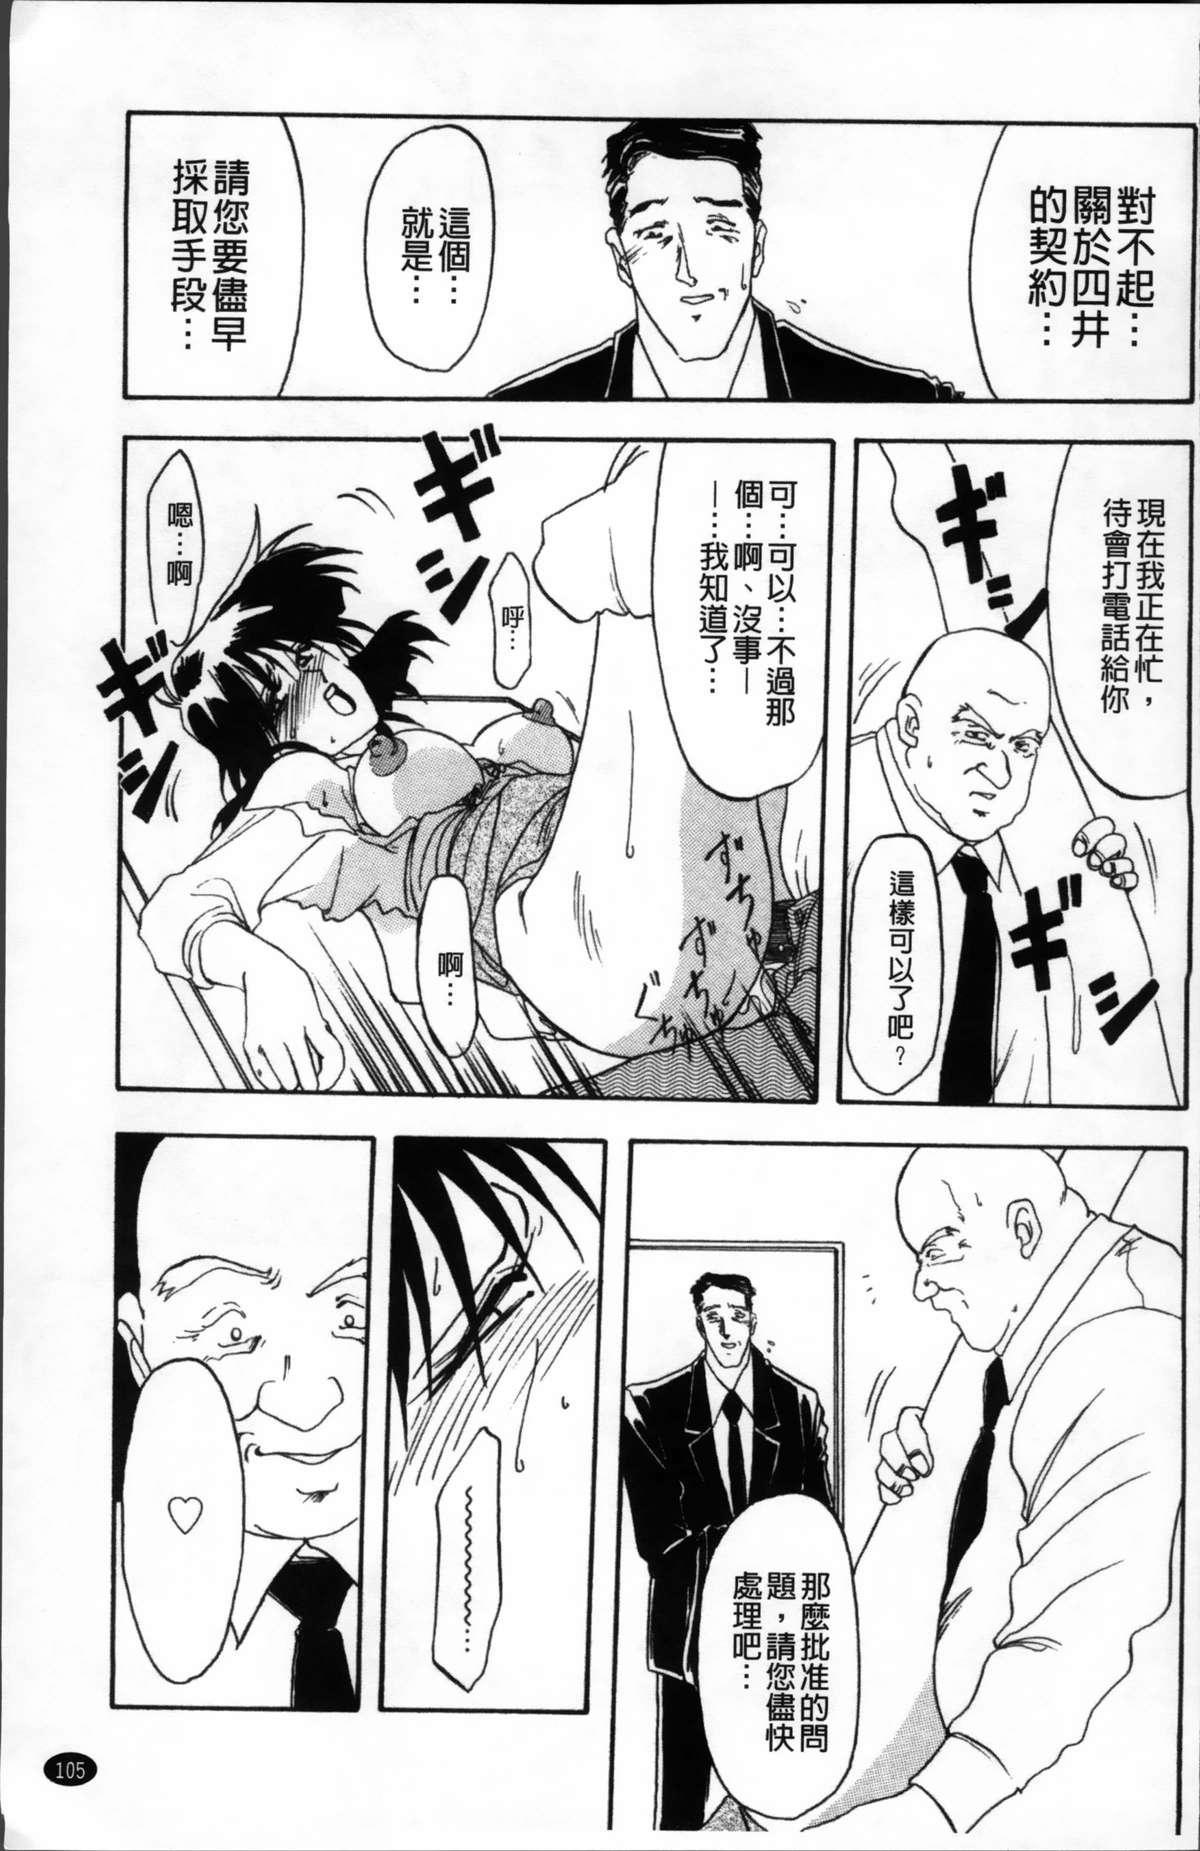 Hiiro no Koku Kanzenban   緋色之刻 完全版 108